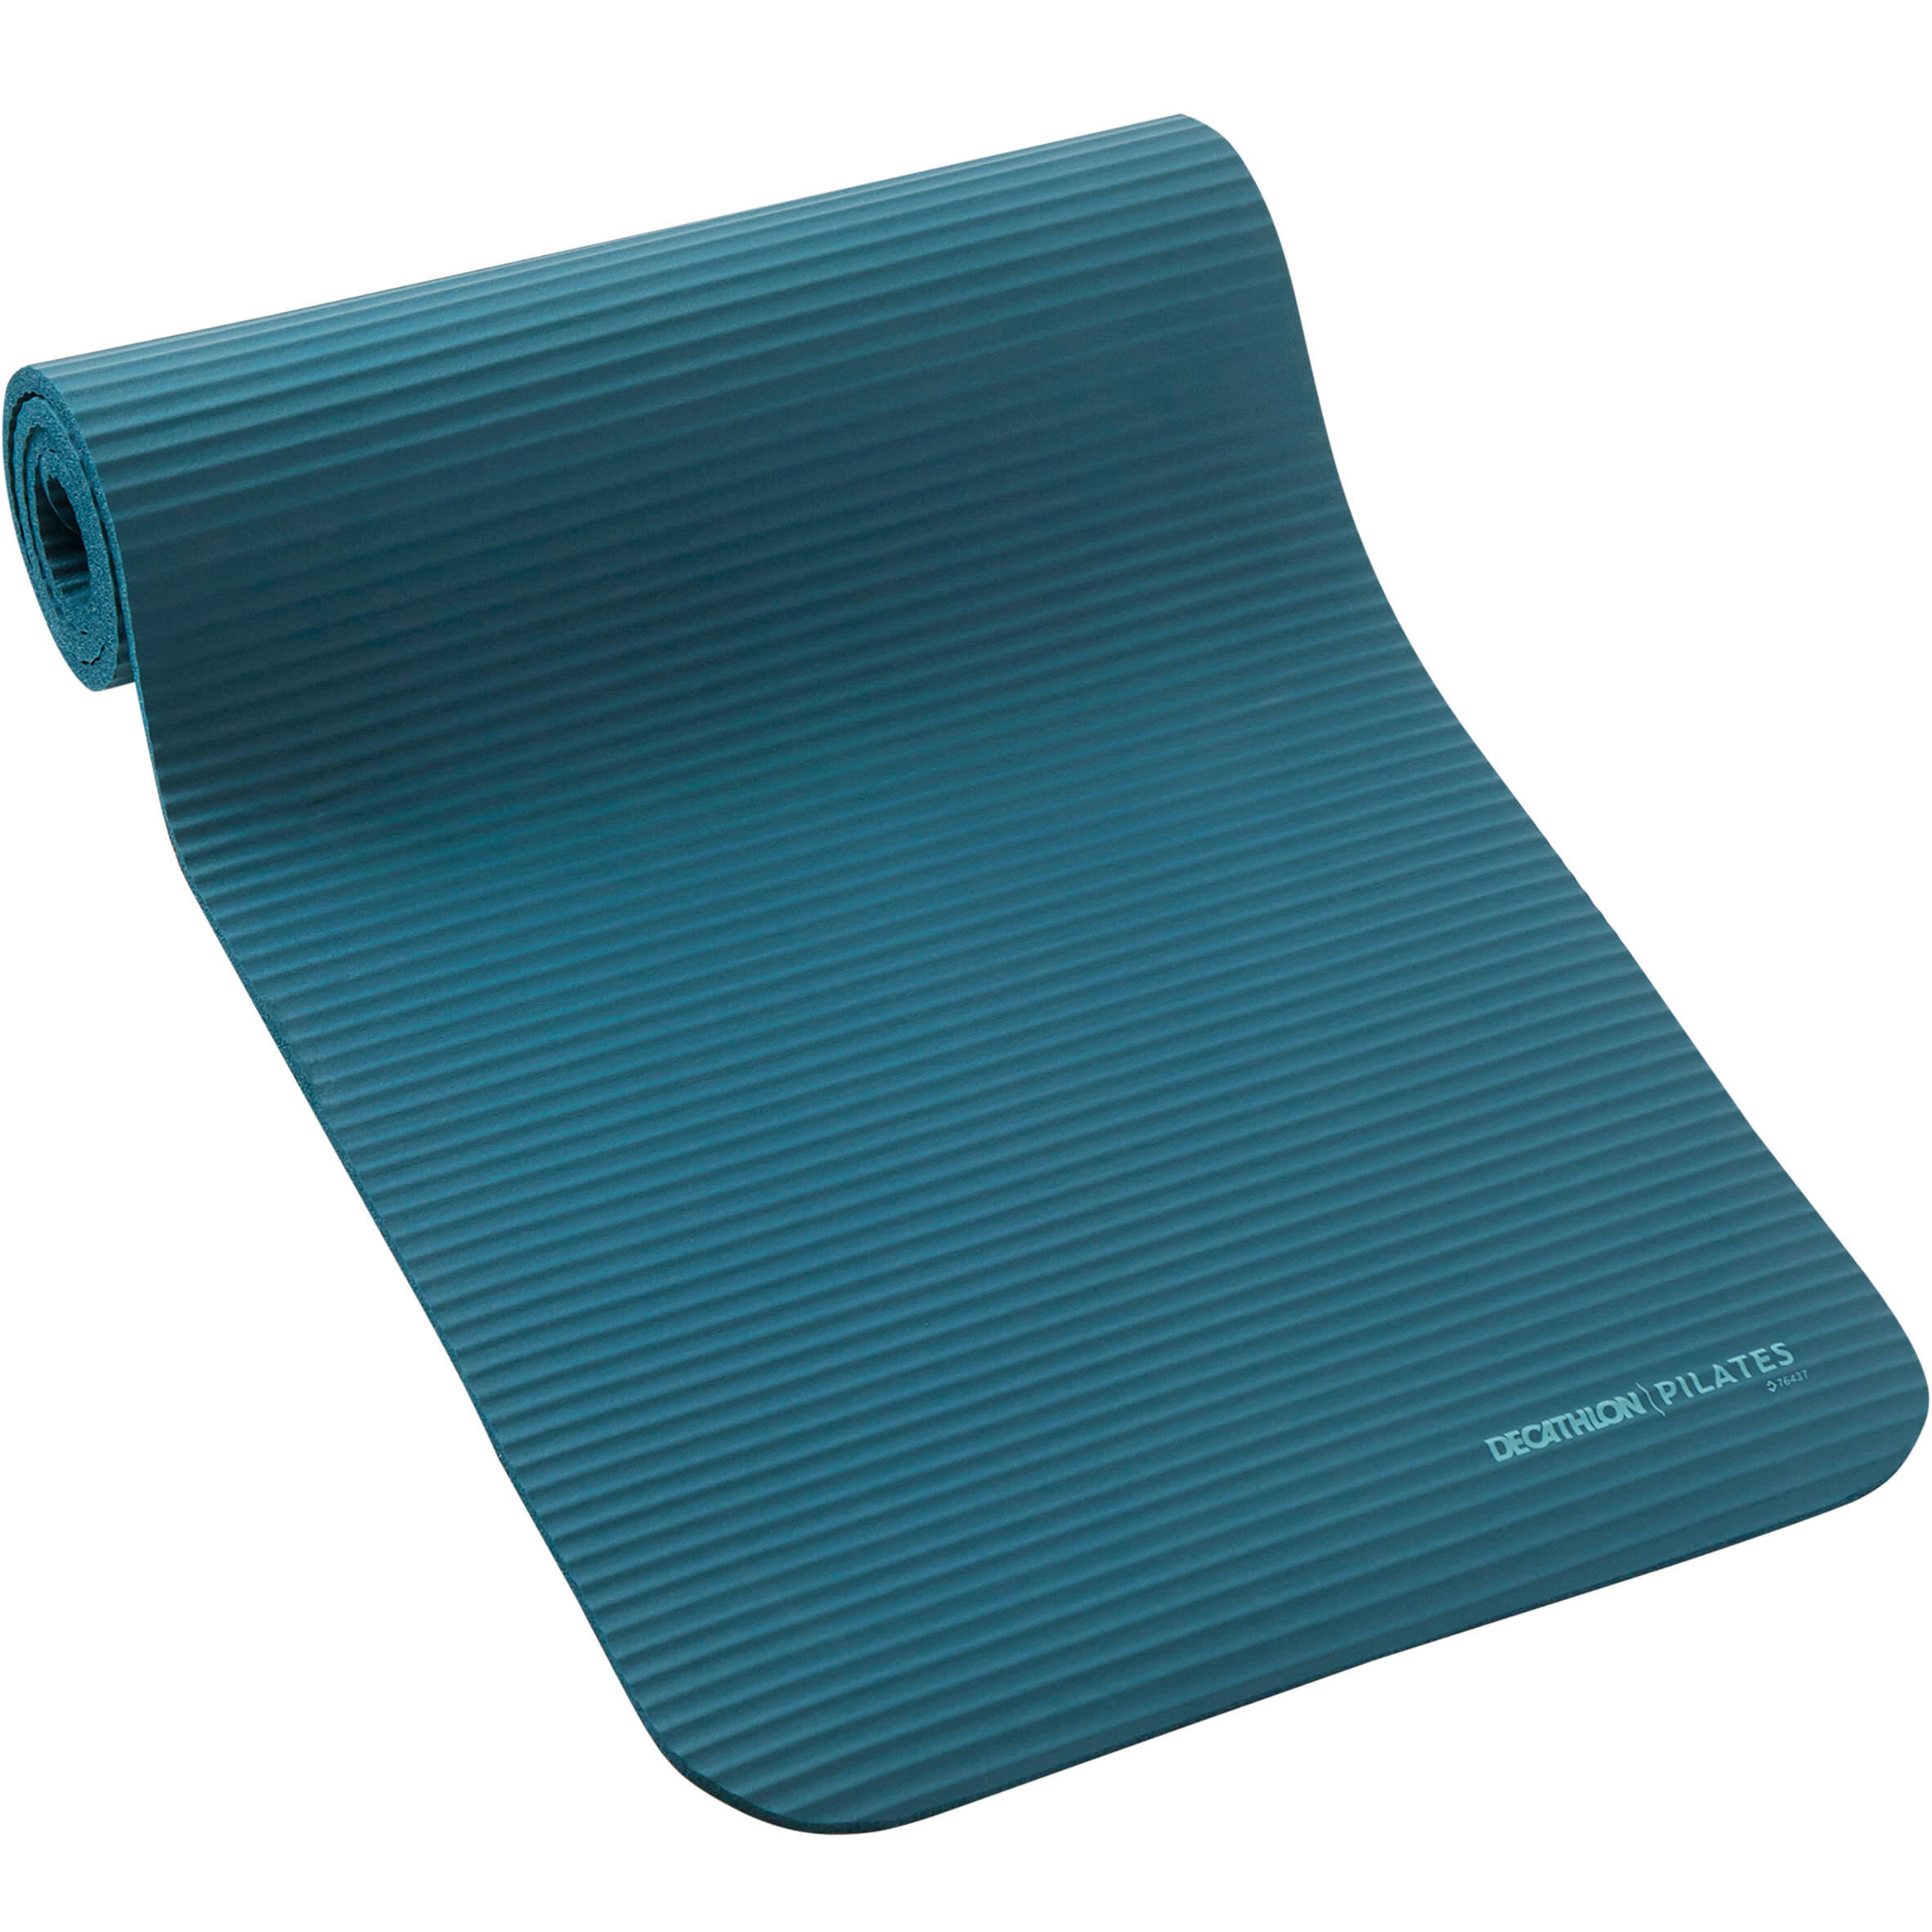 Domyos Pilatesmatje 100 comfort maat S 10 mm blauw kopen? Sport>Trainingsmateriaal>Trainingsmatjes met voordeel vind je hier